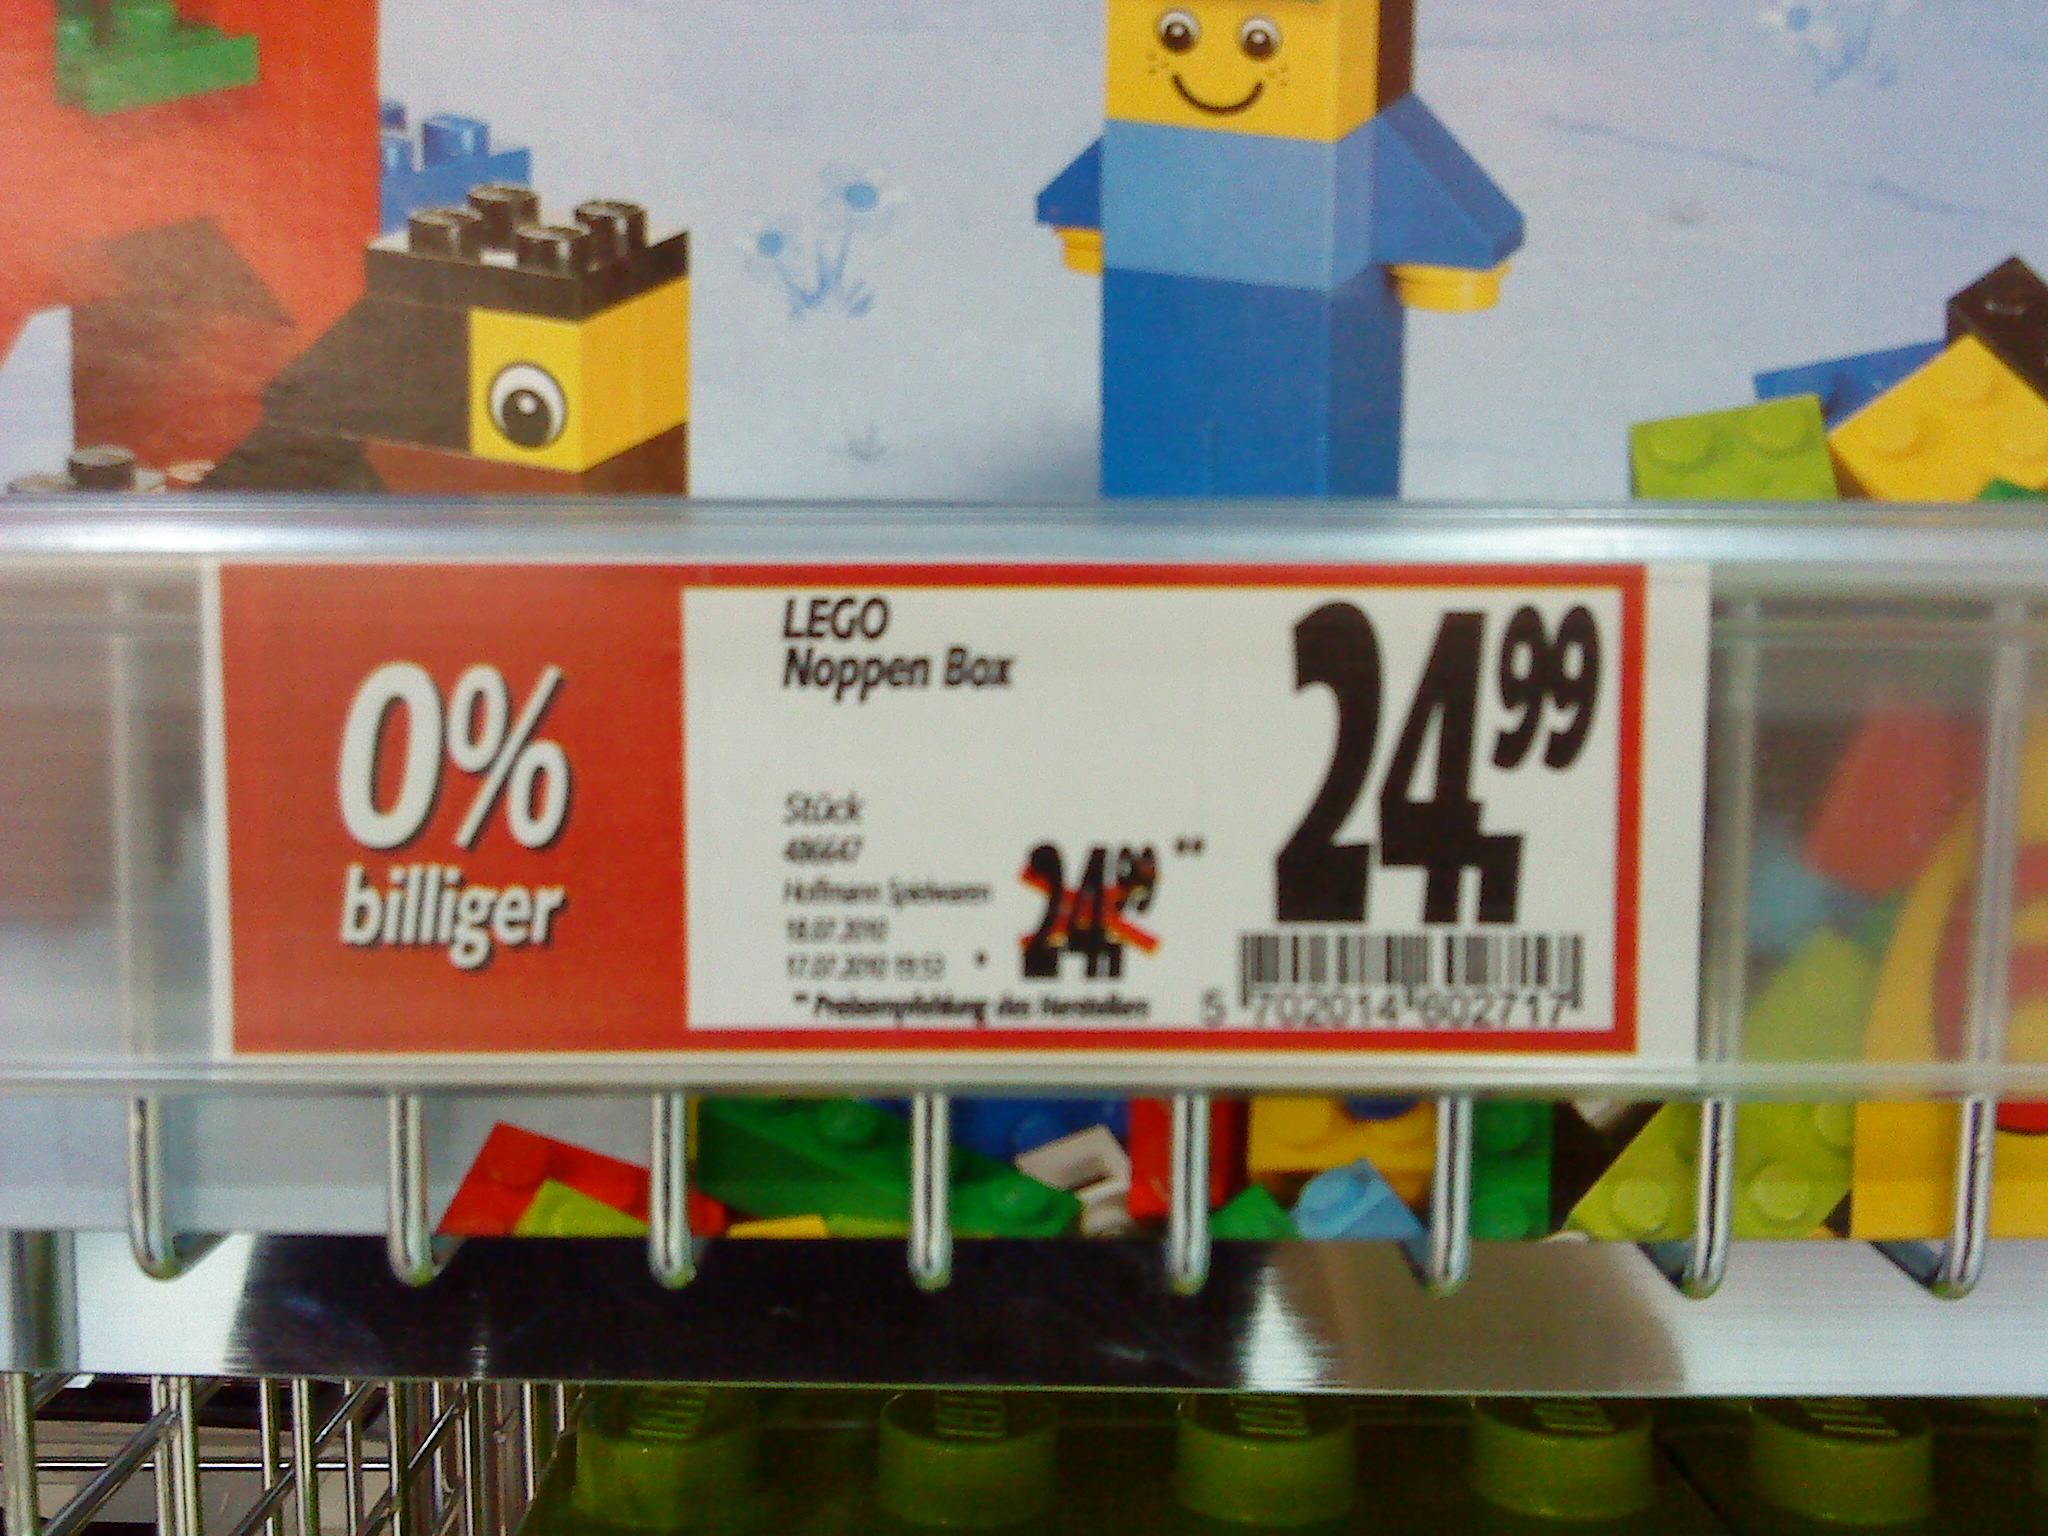 Sagenhafte 0% sparen!